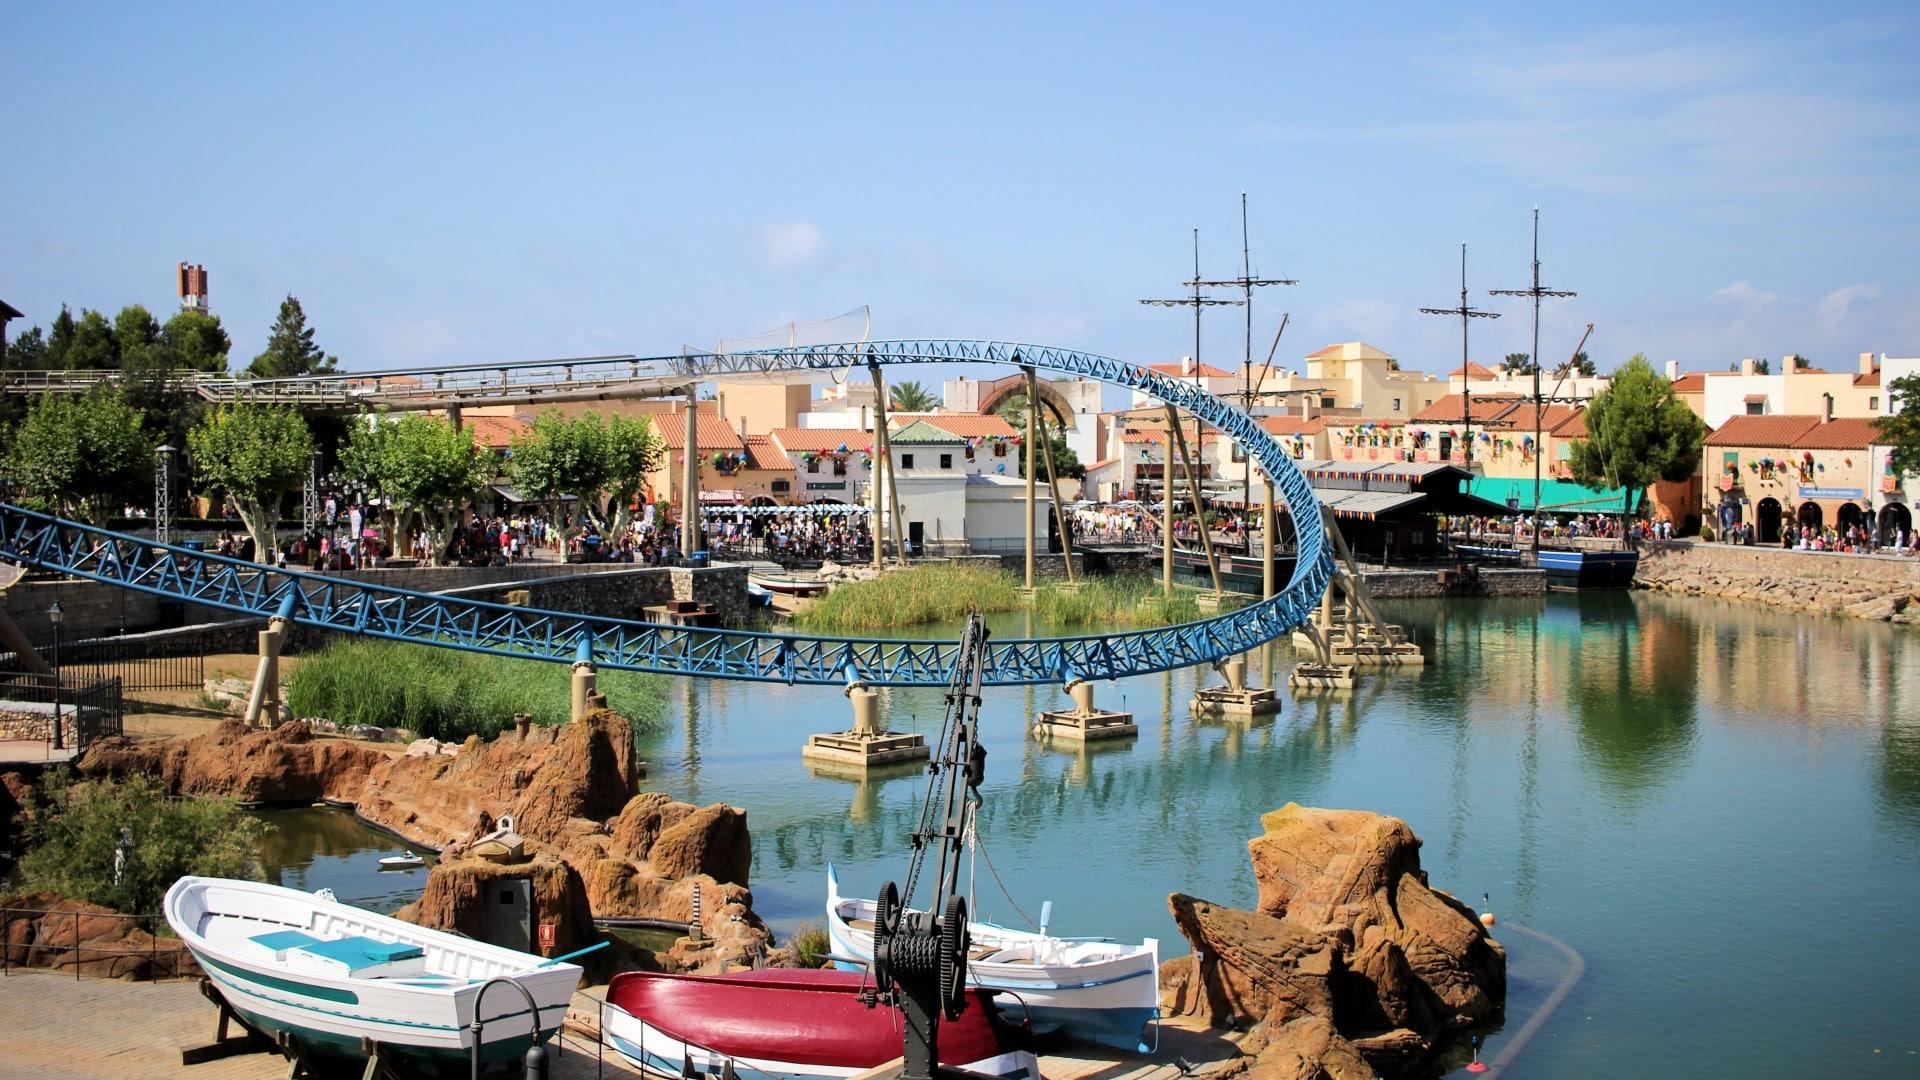 Portaventura le parc d attractions sous le soleil de l espagne guide du parent galactique - Port aventura parc aquatique ...